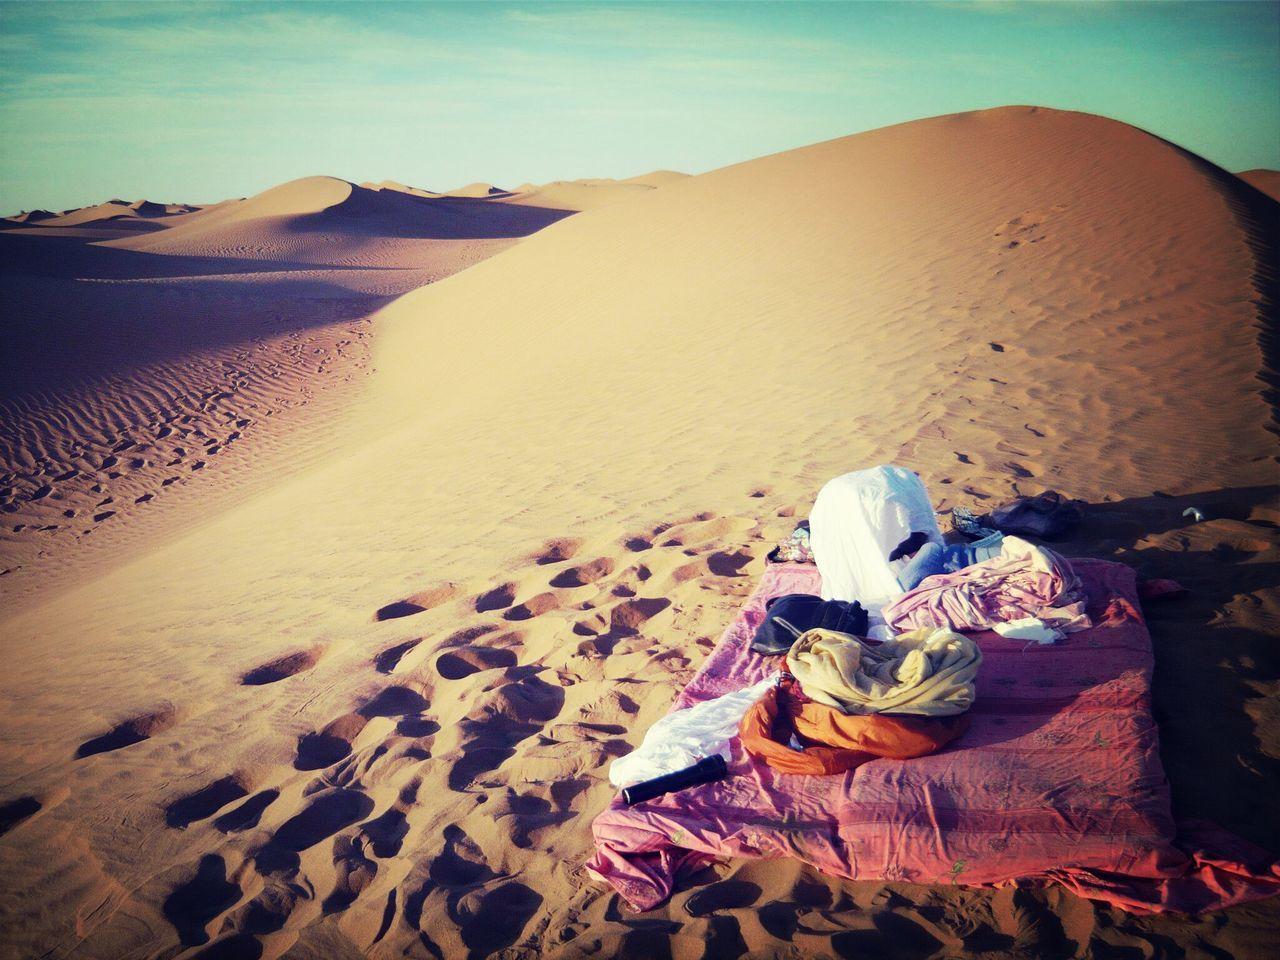 Mattress in desert against sky